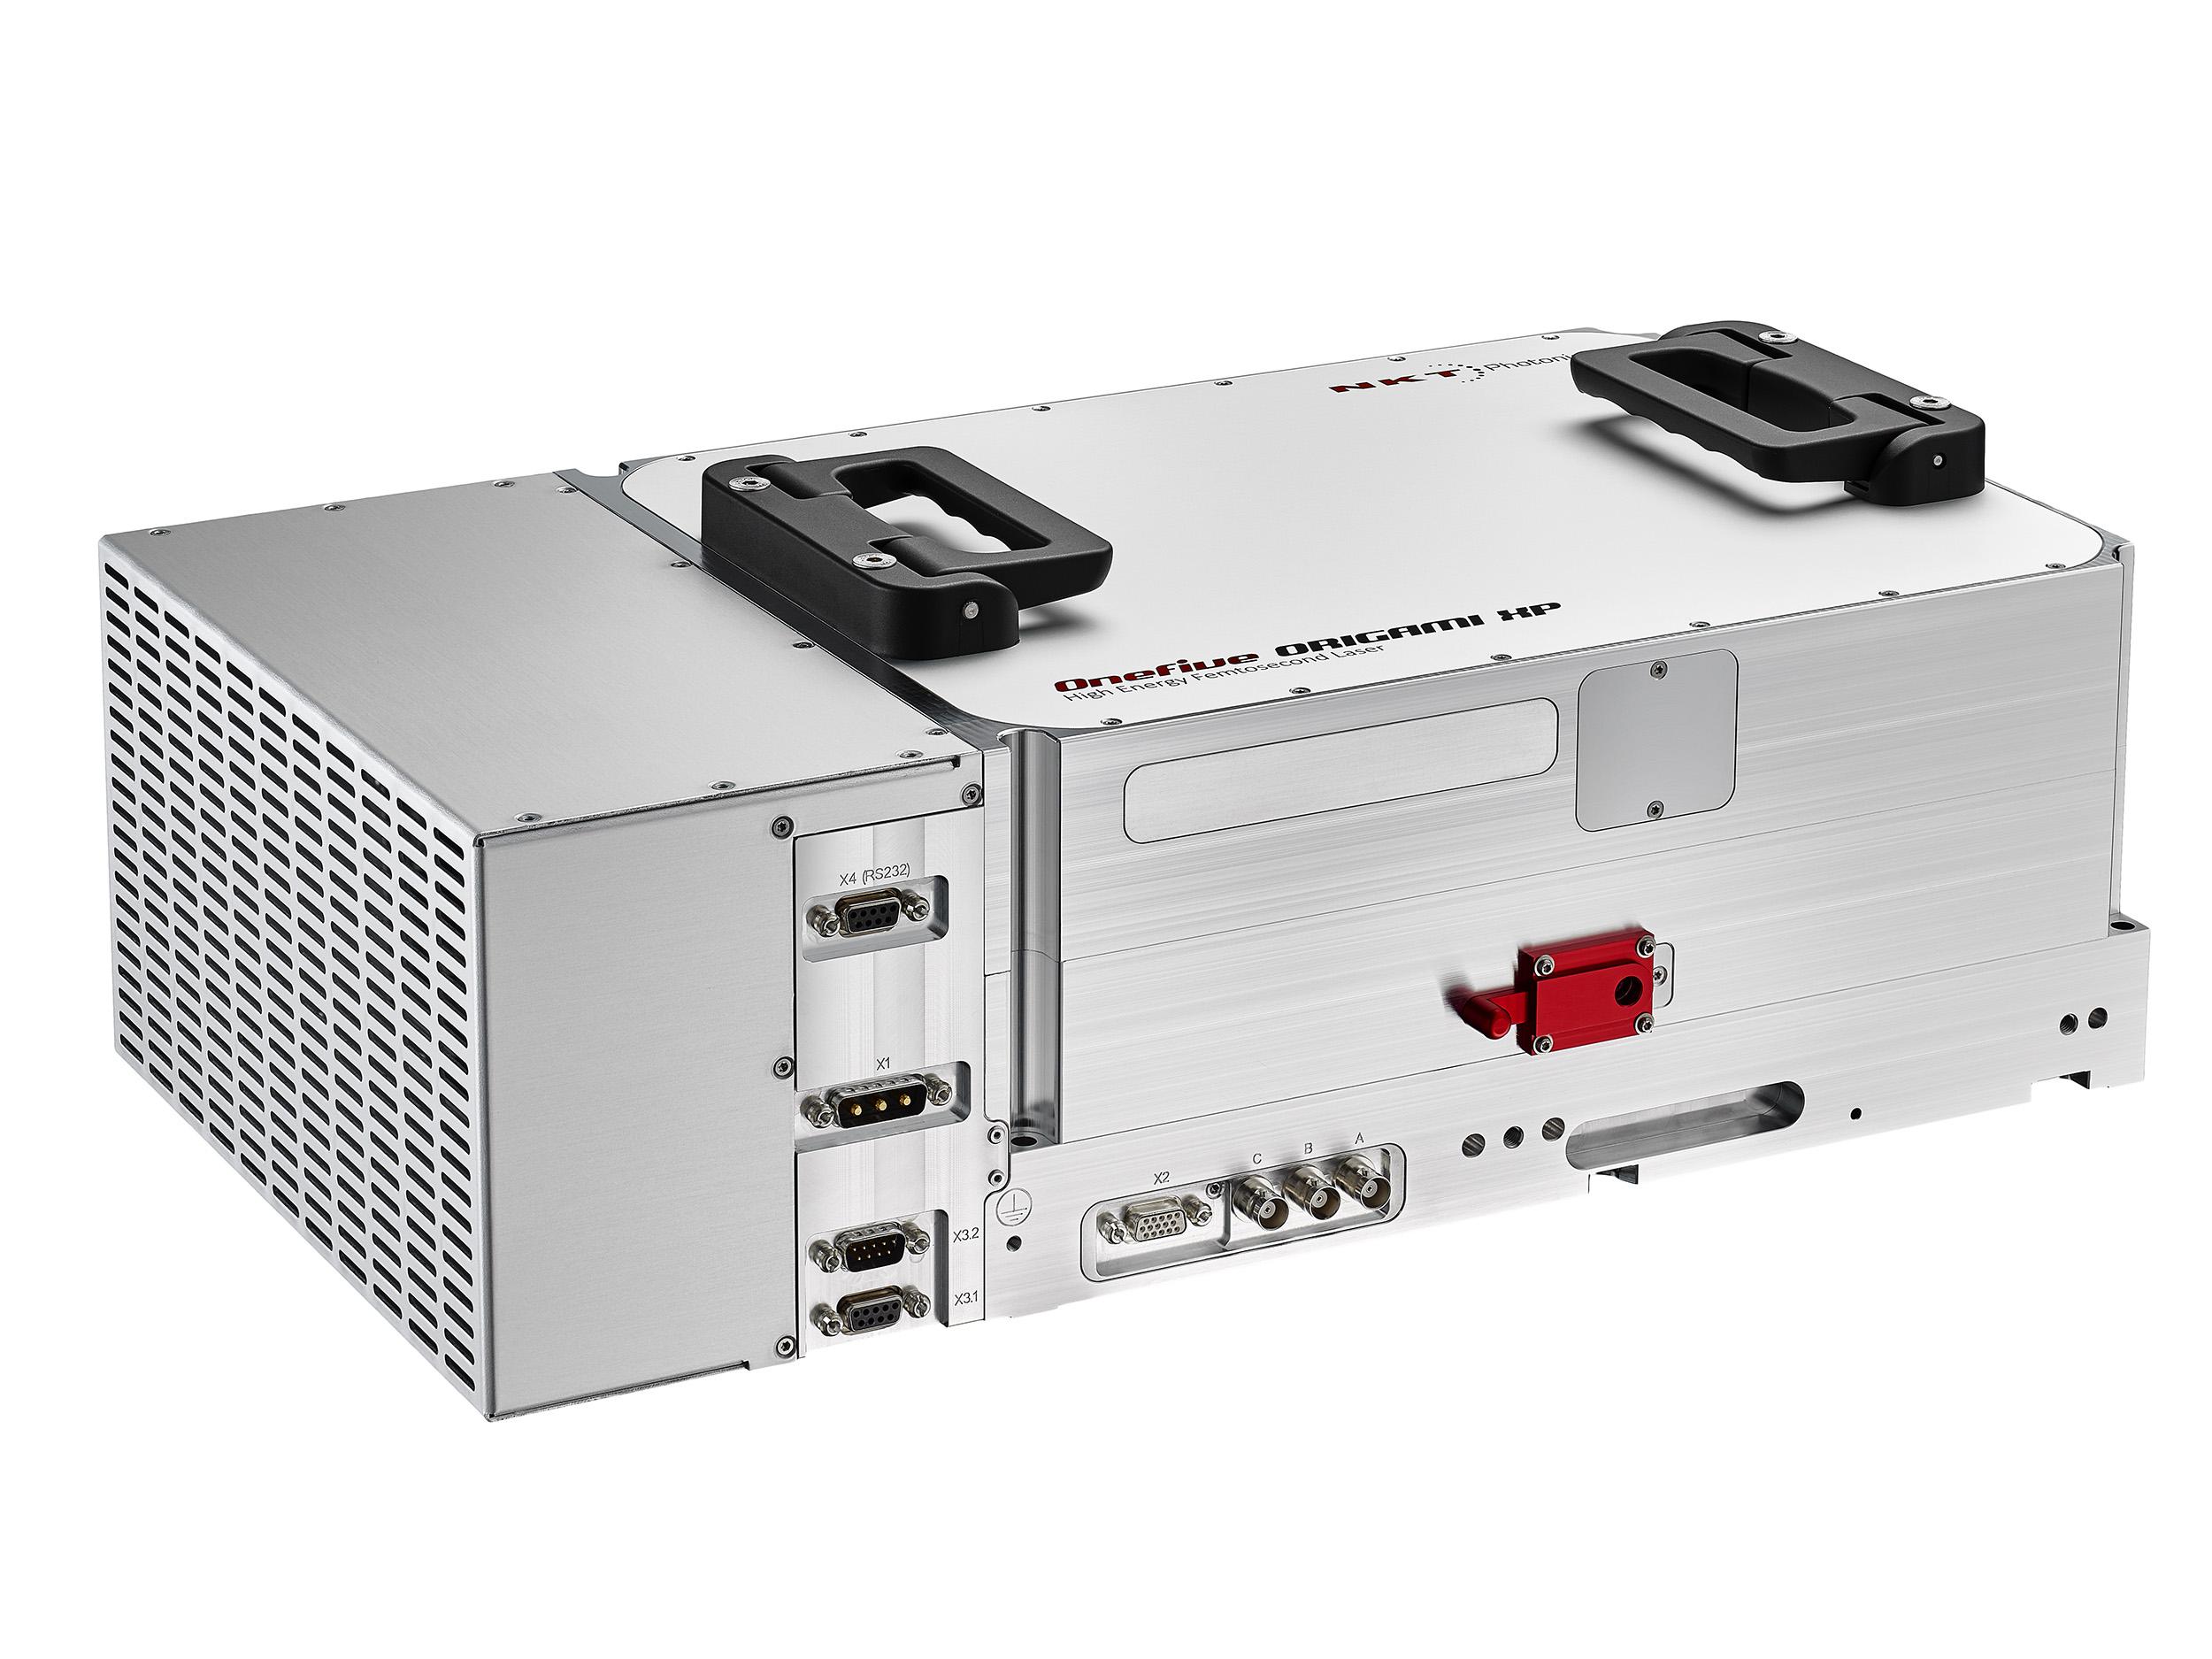 産業向け 高エネルギー フェムト秒レーザー Onefive ORIGAMI XP